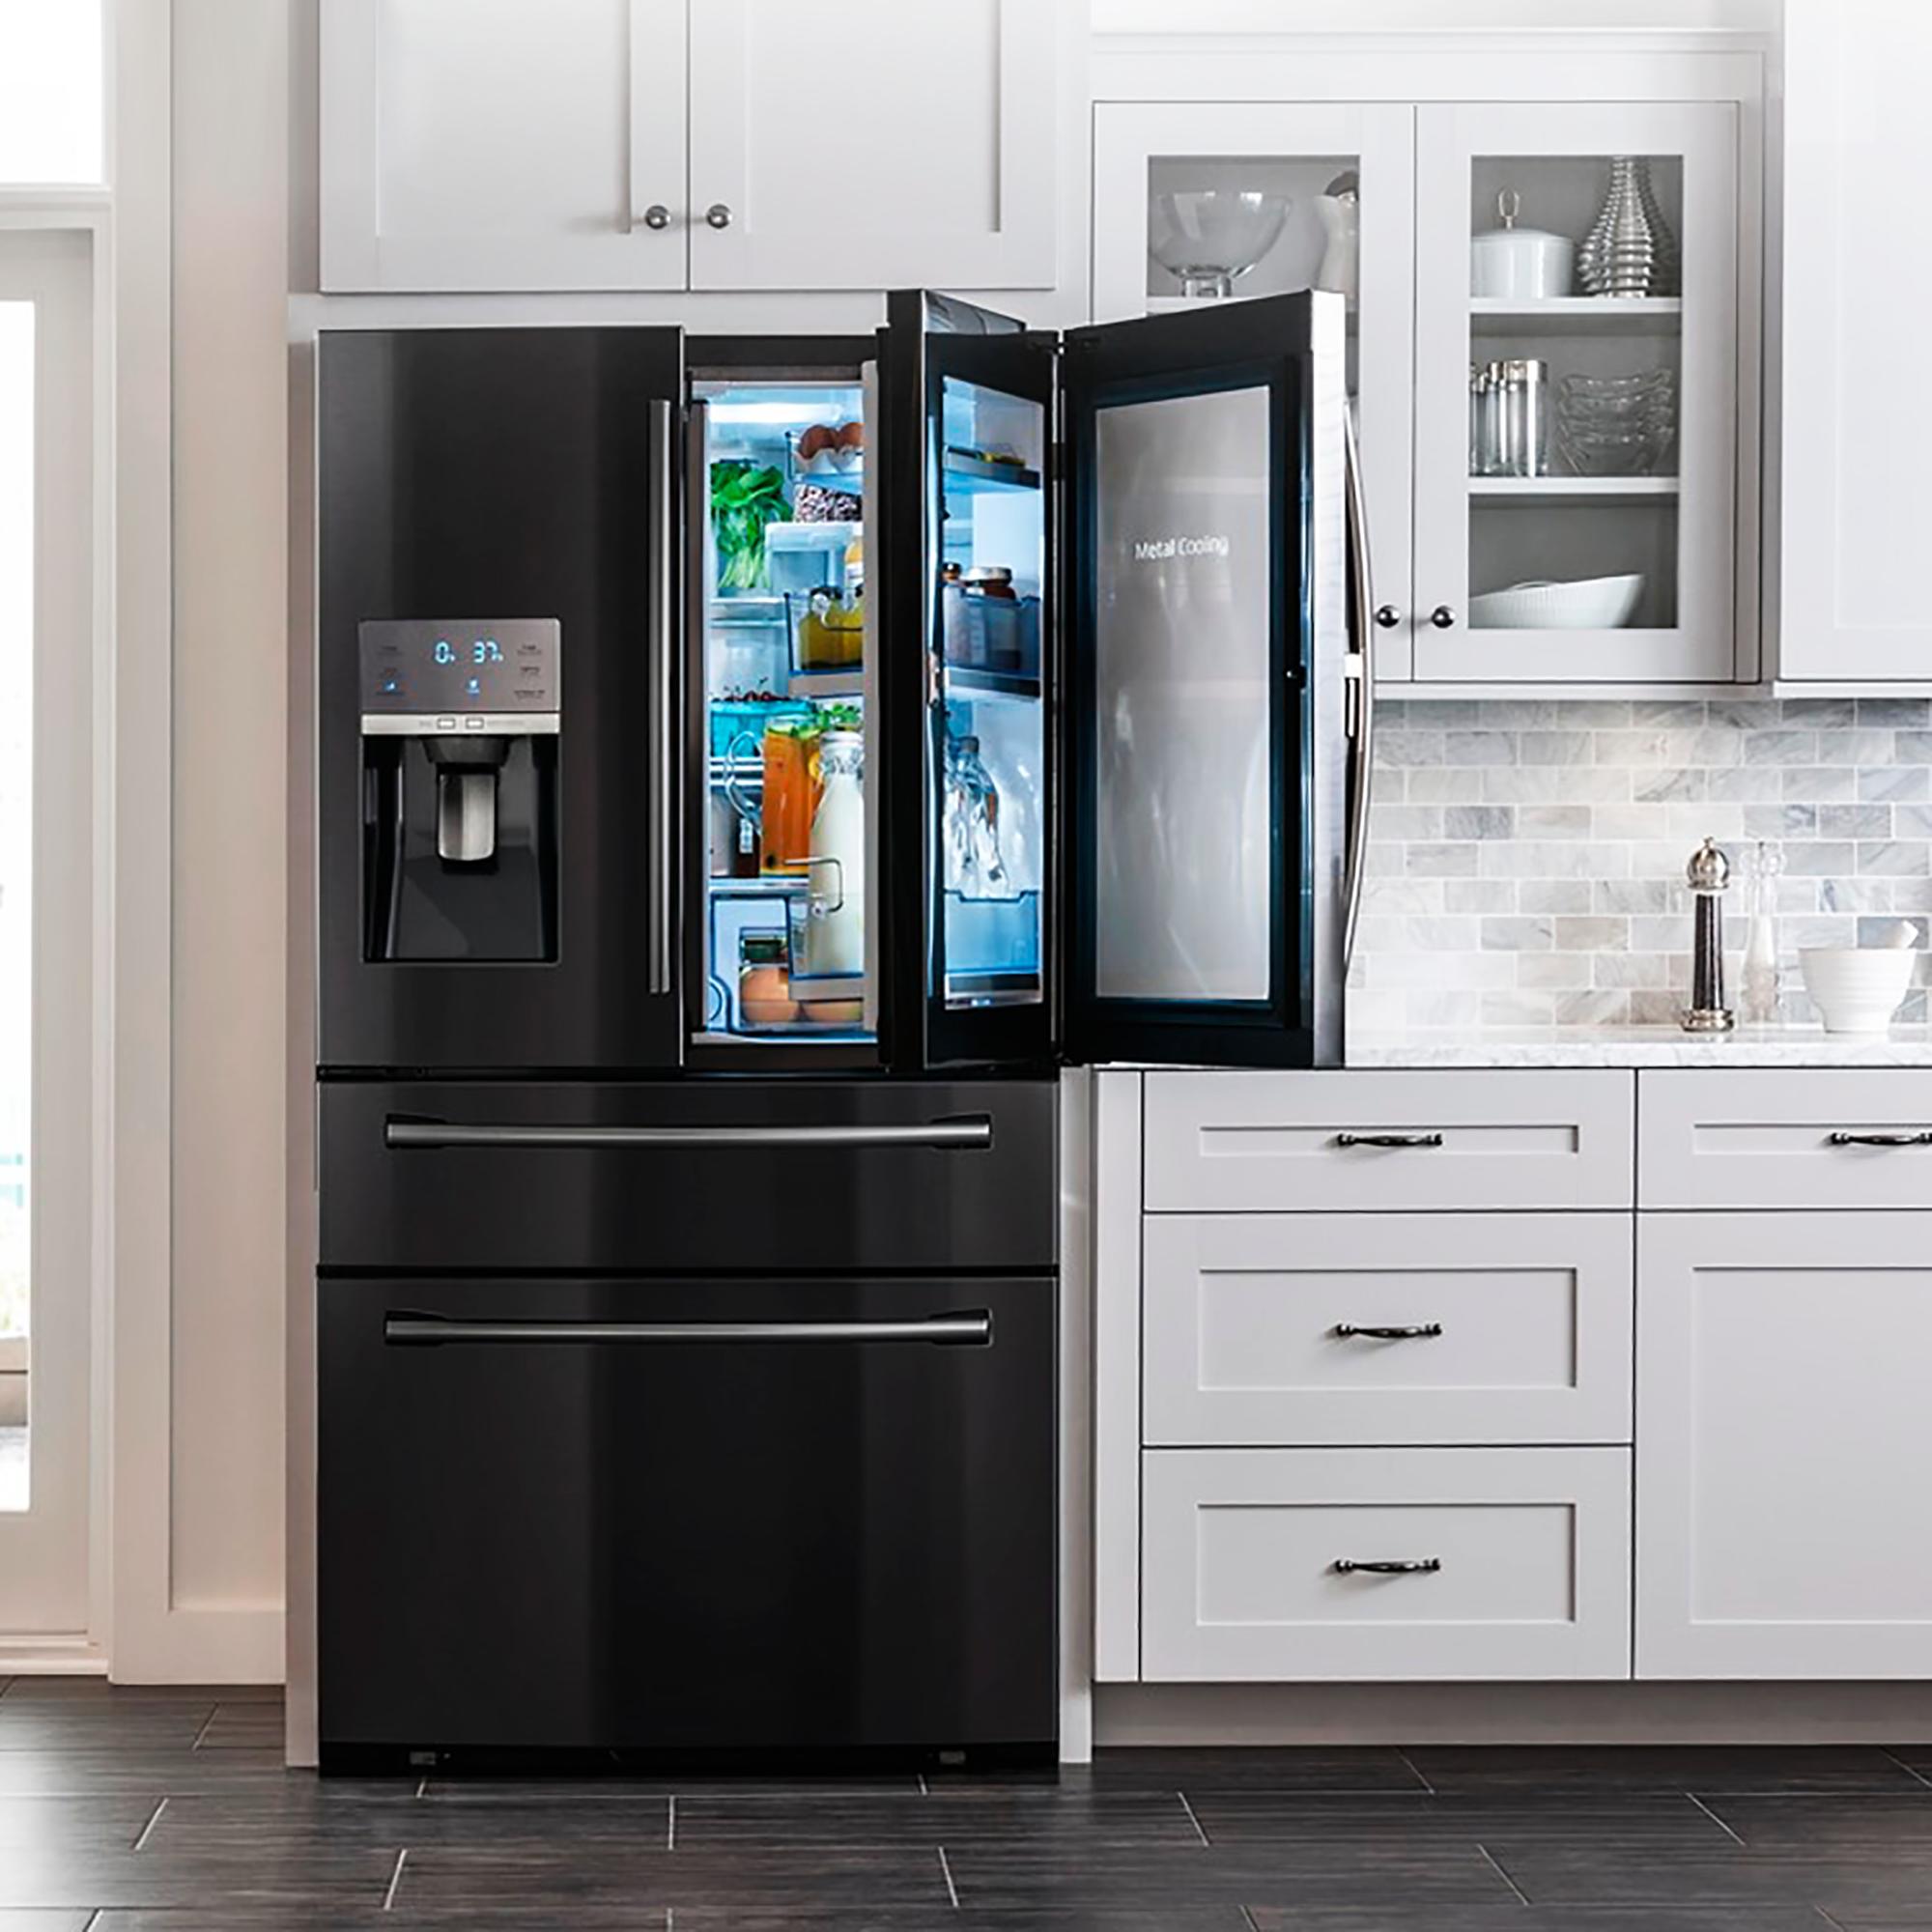 Refrigeradora-Black-Edition